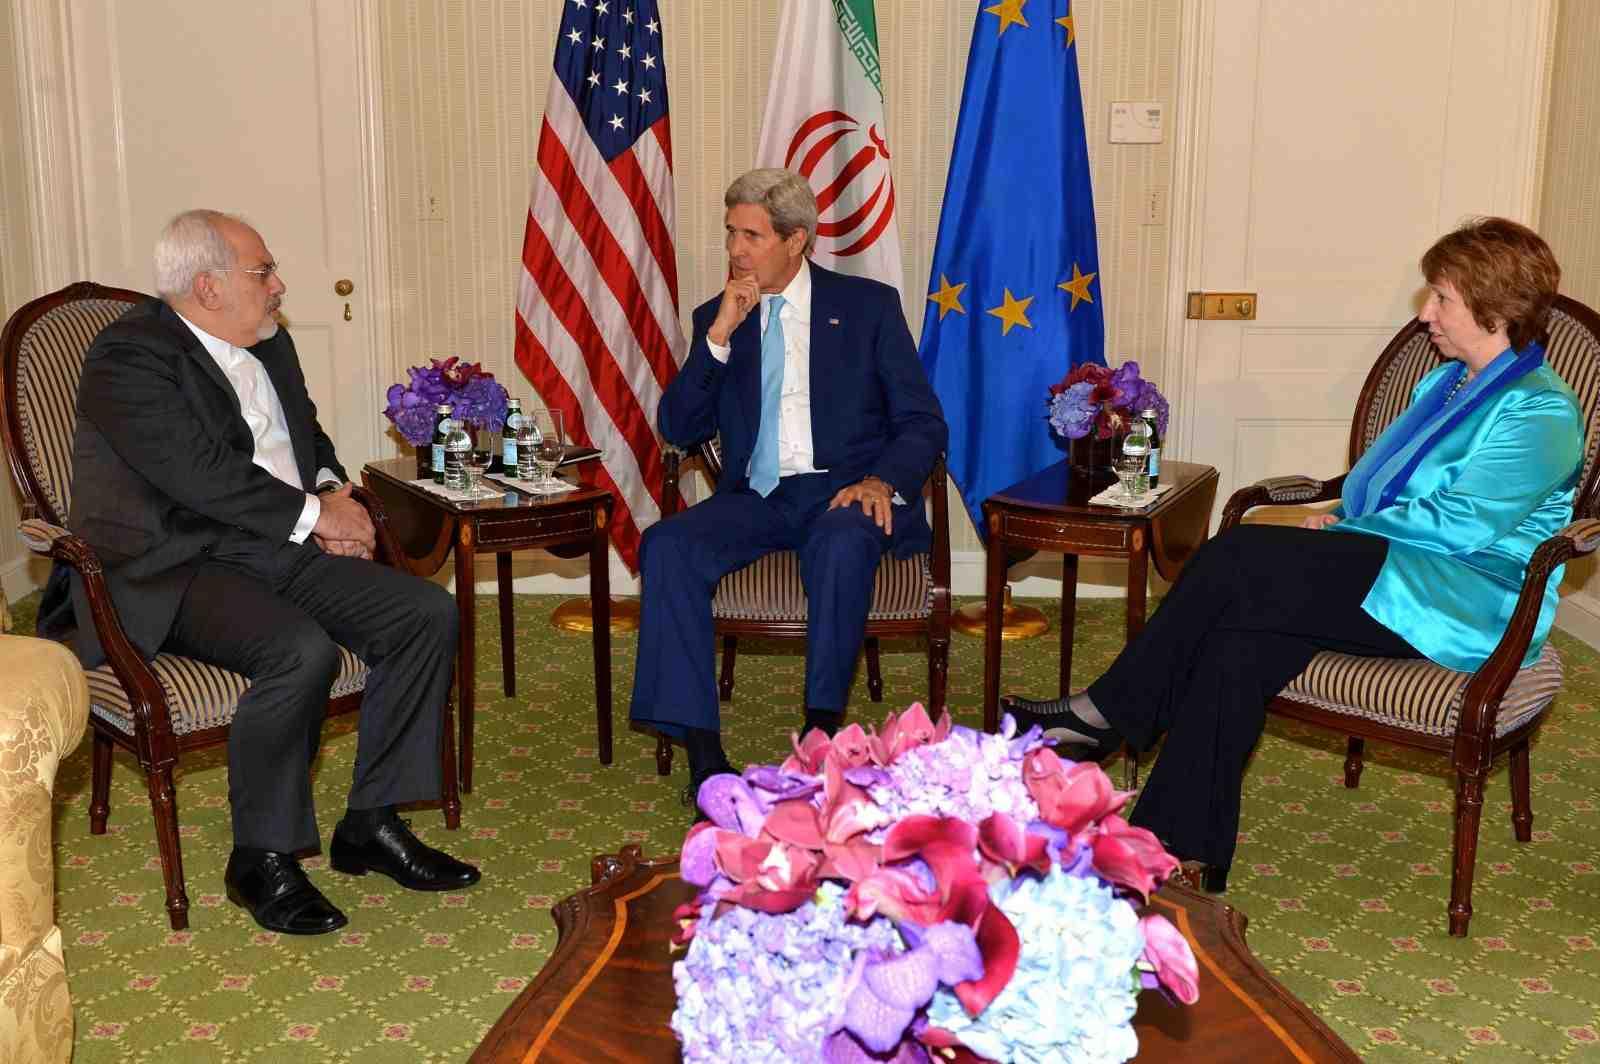 اجتماع مسقط الثلاثي بشأن نووي إيران يستأنف أعماله